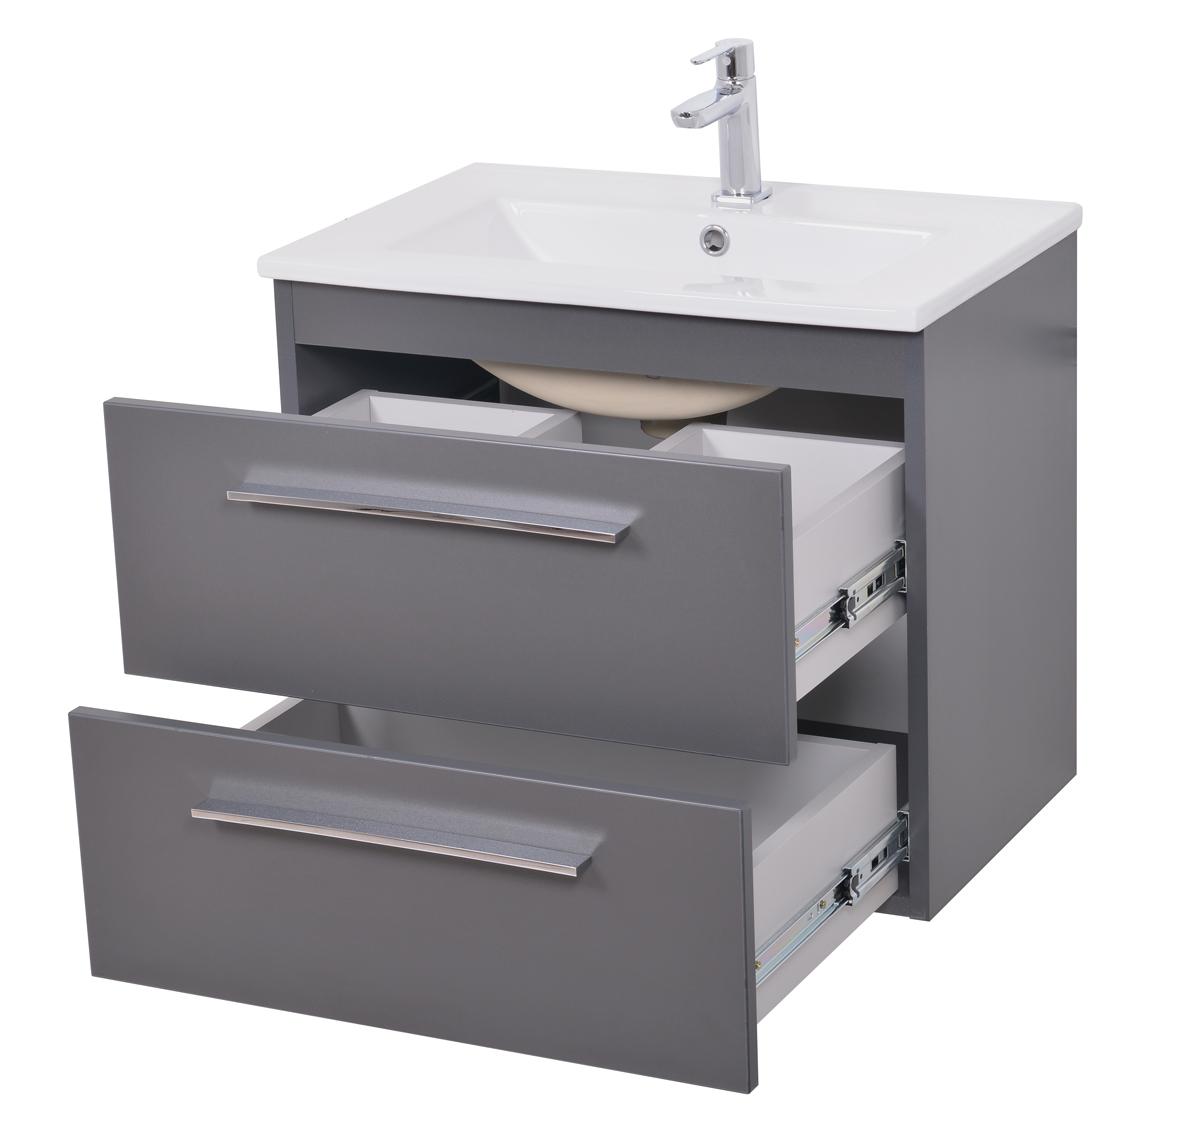 neu waschbeckenunterschrank mit waschbecken 82 graphit direkt vom hersteller ebay. Black Bedroom Furniture Sets. Home Design Ideas